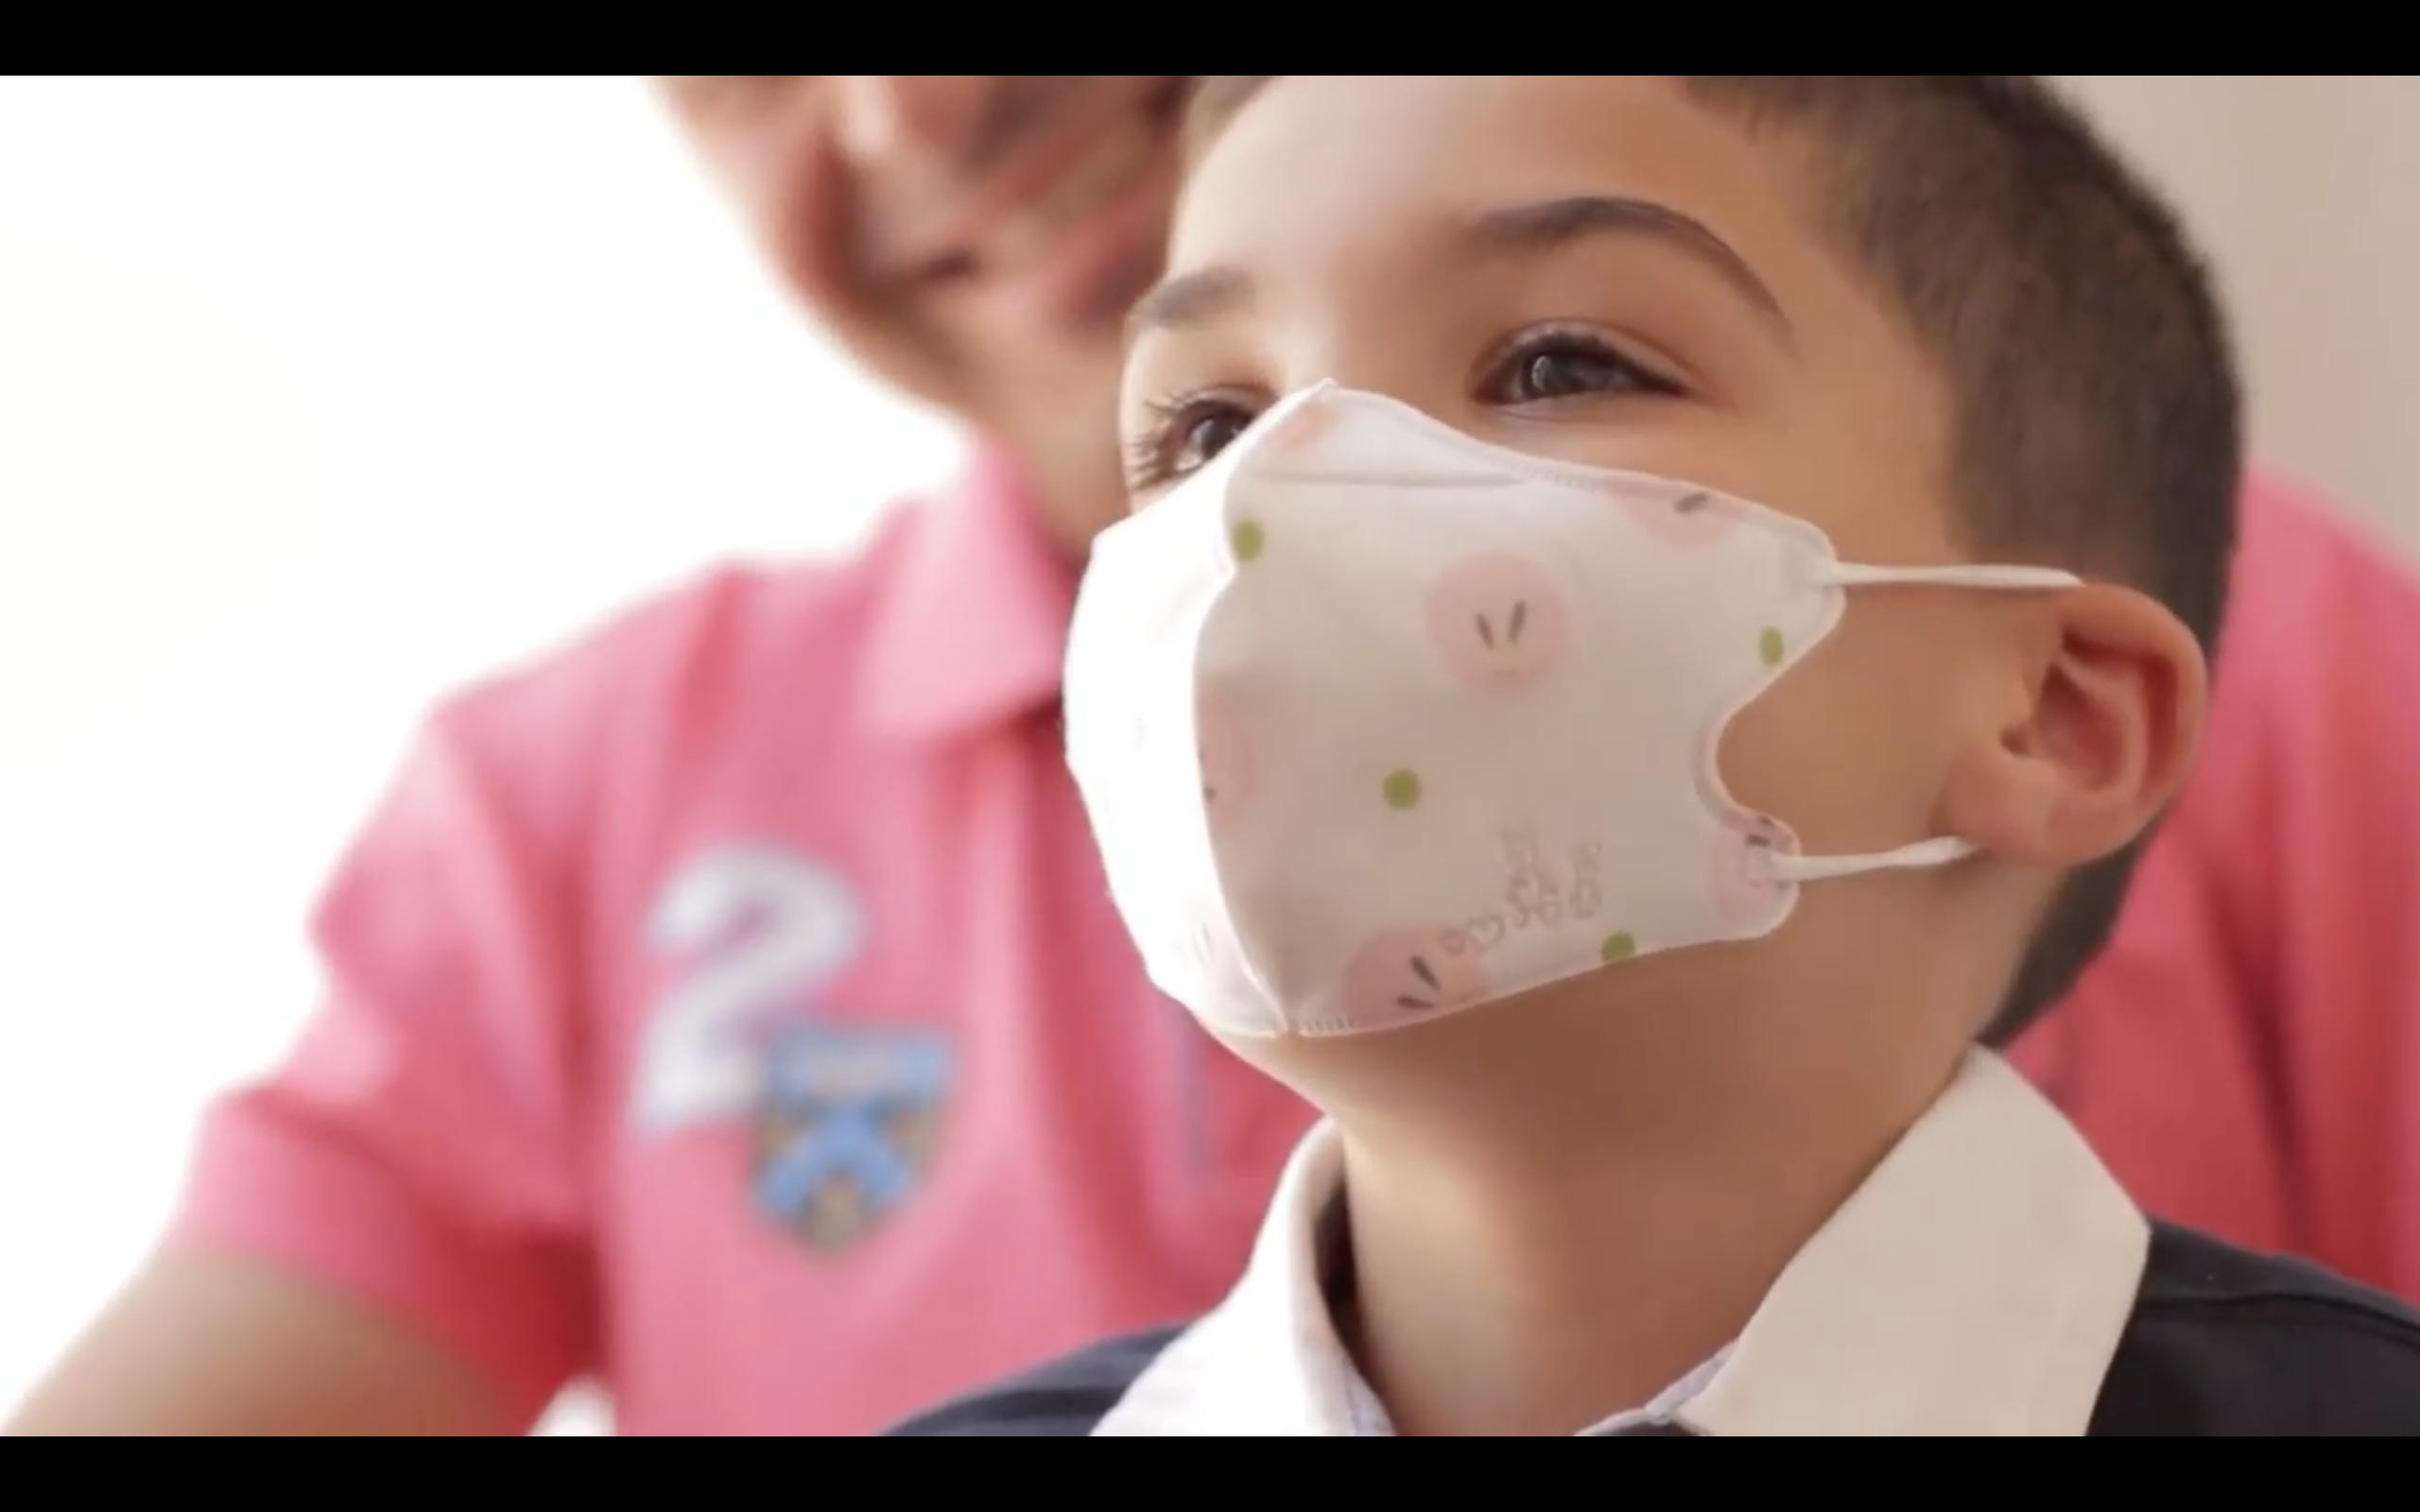 'Escola de familias': La Unidad de Pediatría del Hospital Cosaga resuelve dudas sobre el uso de las mascarillas